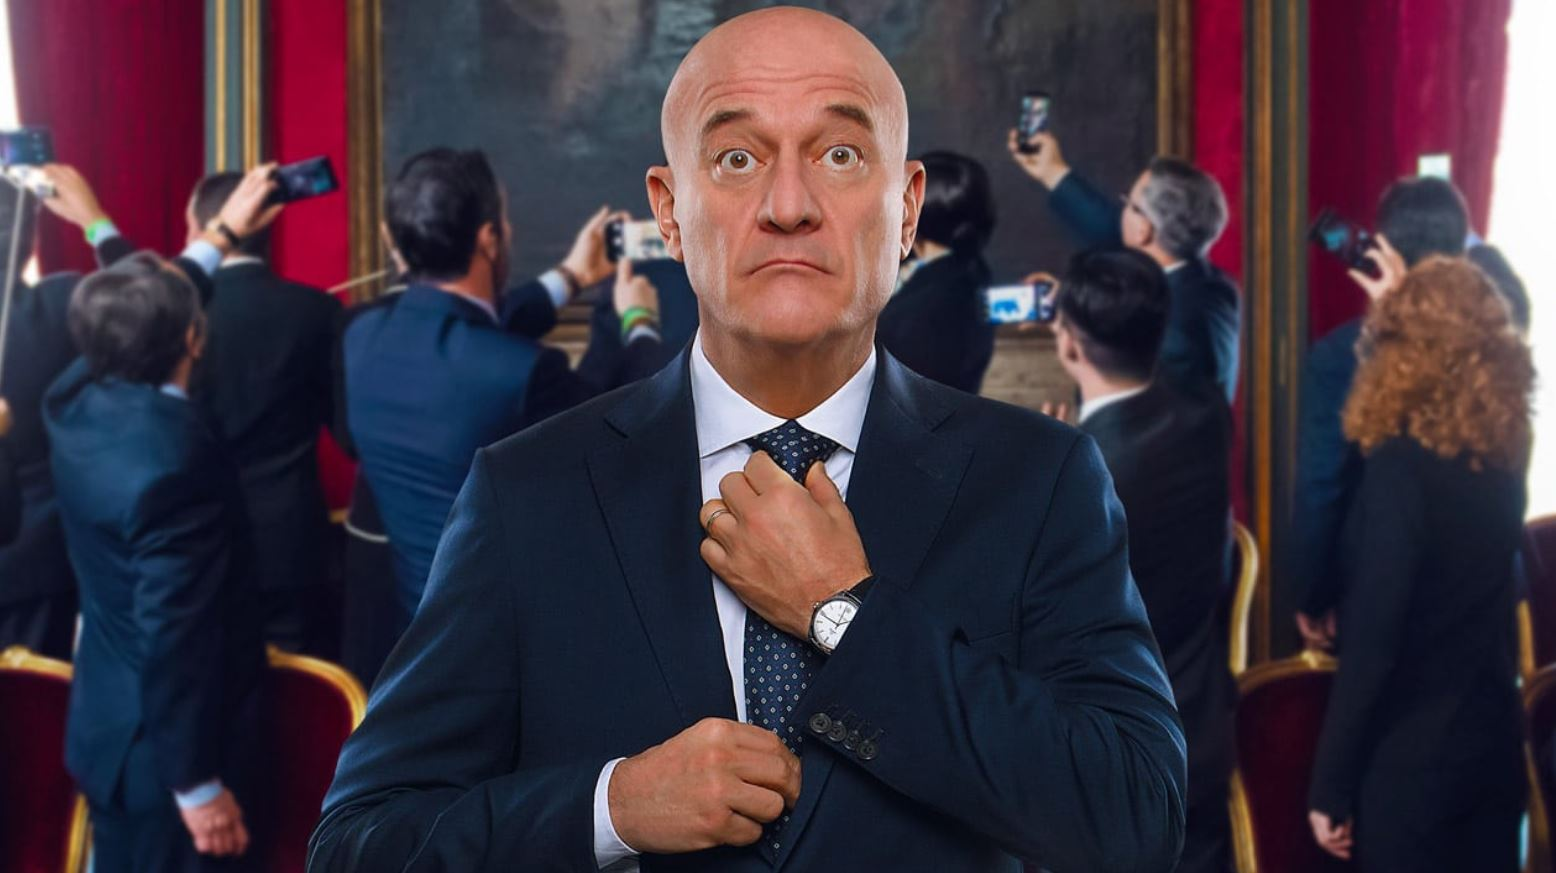 電影本事 Netflix影音推薦  政治喜劇電影《傻冒大總統》